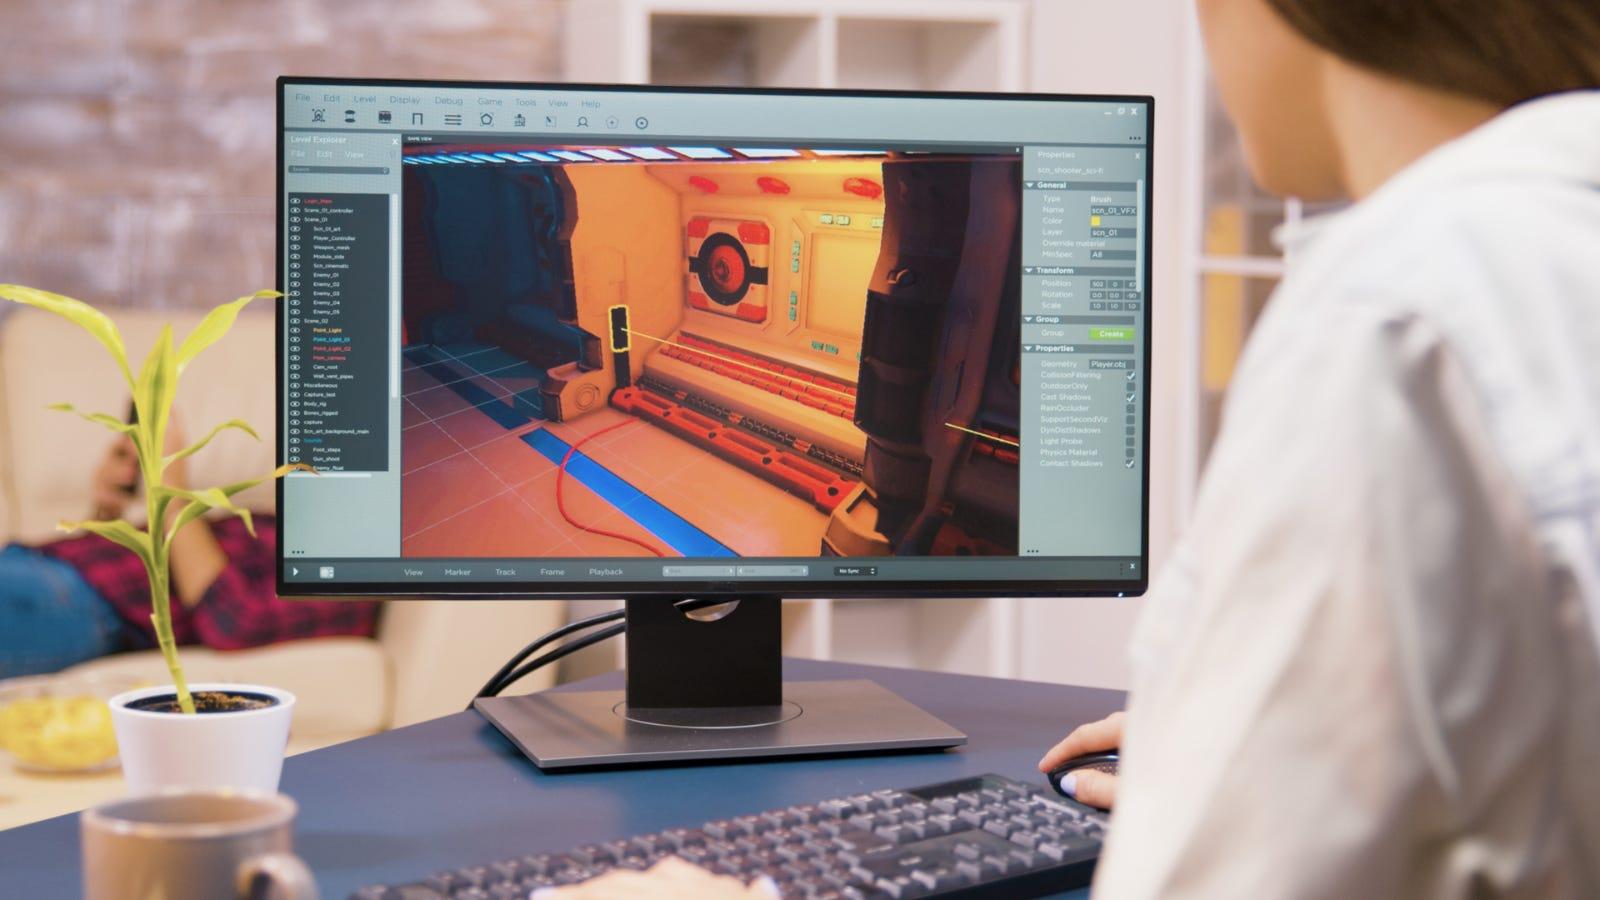 Persona che utilizza un programma di sviluppo di giochi su un monitor